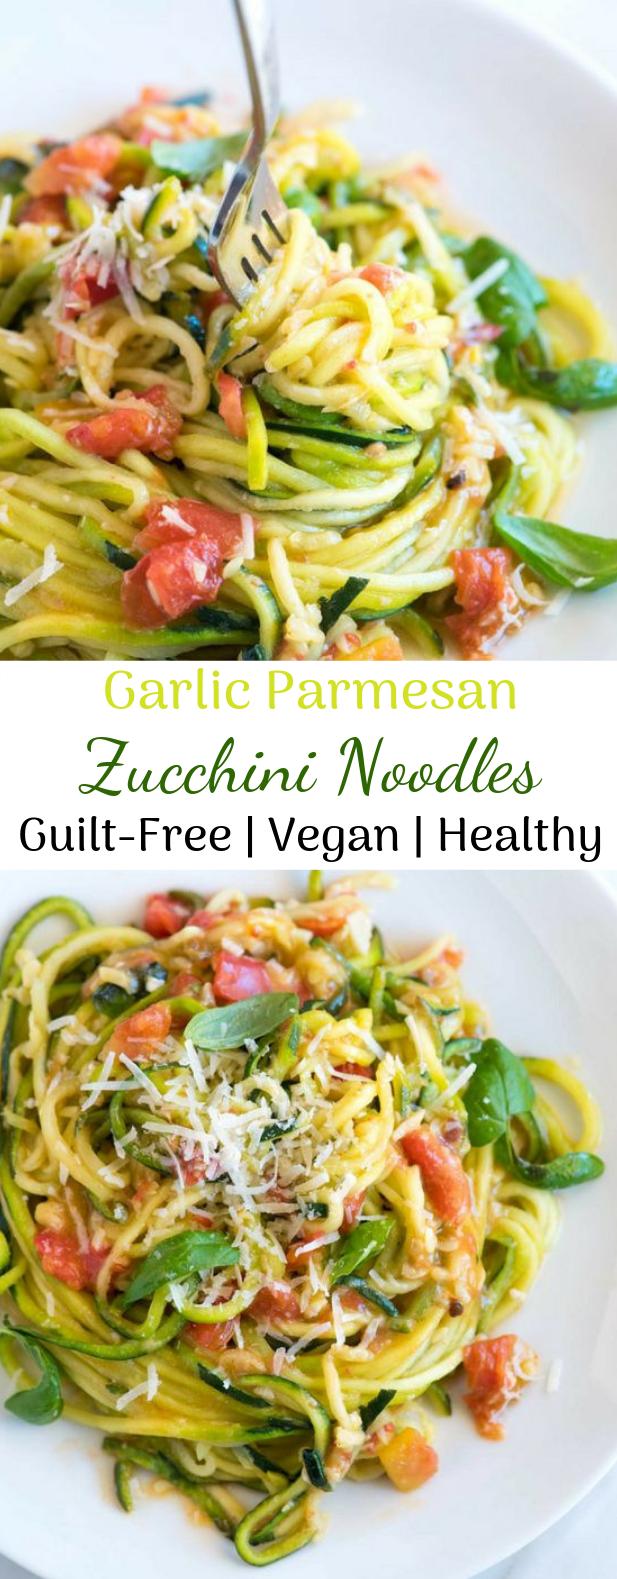 Garlic Parmesan Zucchini Noodles #healthyrecipe #vegetarian